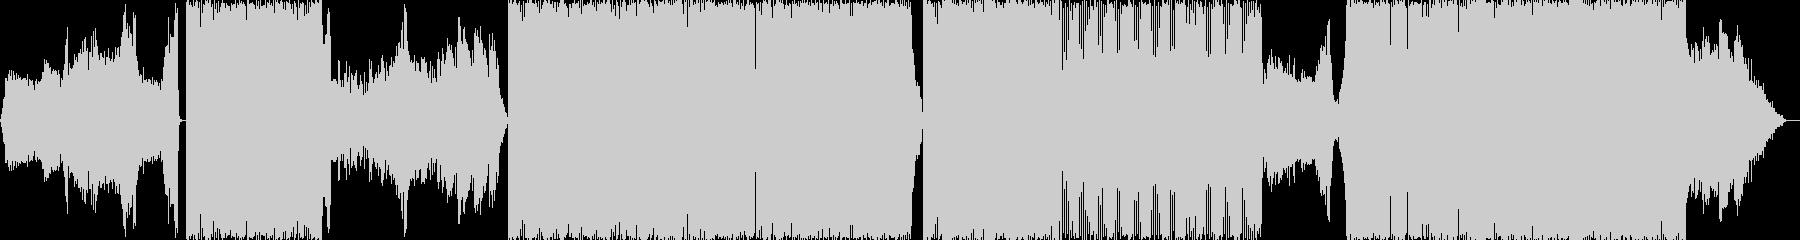 ブドウをイメージした緊張感あるトランスの未再生の波形